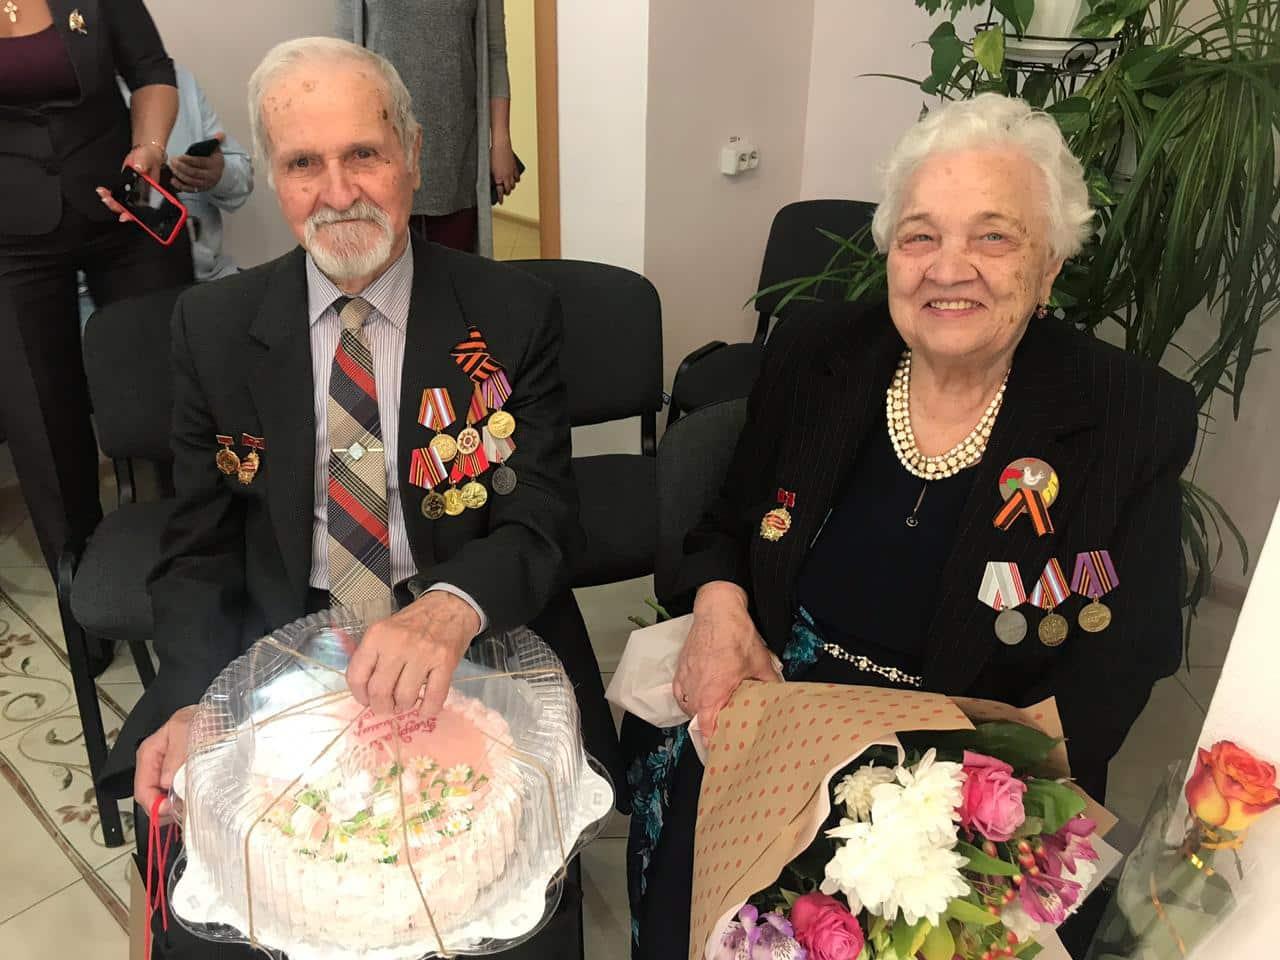 О льготах положенных пенсионерам в России напомнили в ПФ РФ